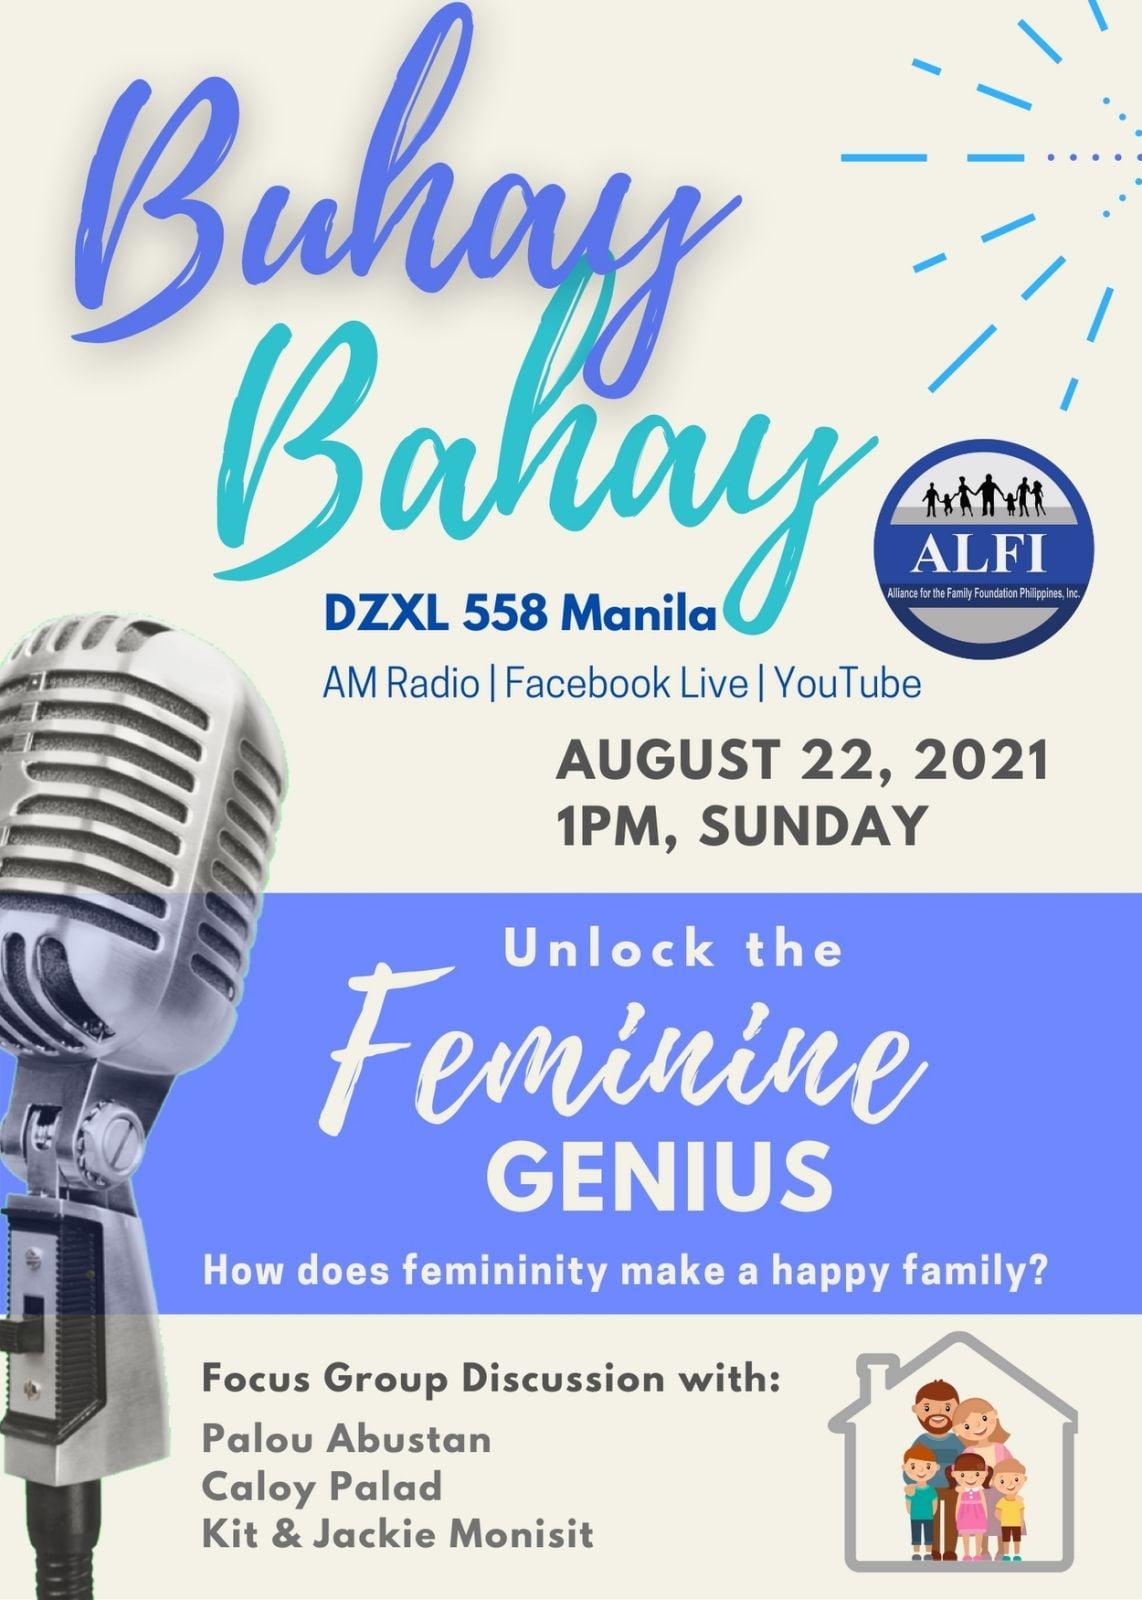 Buhay Bahay - Unlock The Feminine Genius